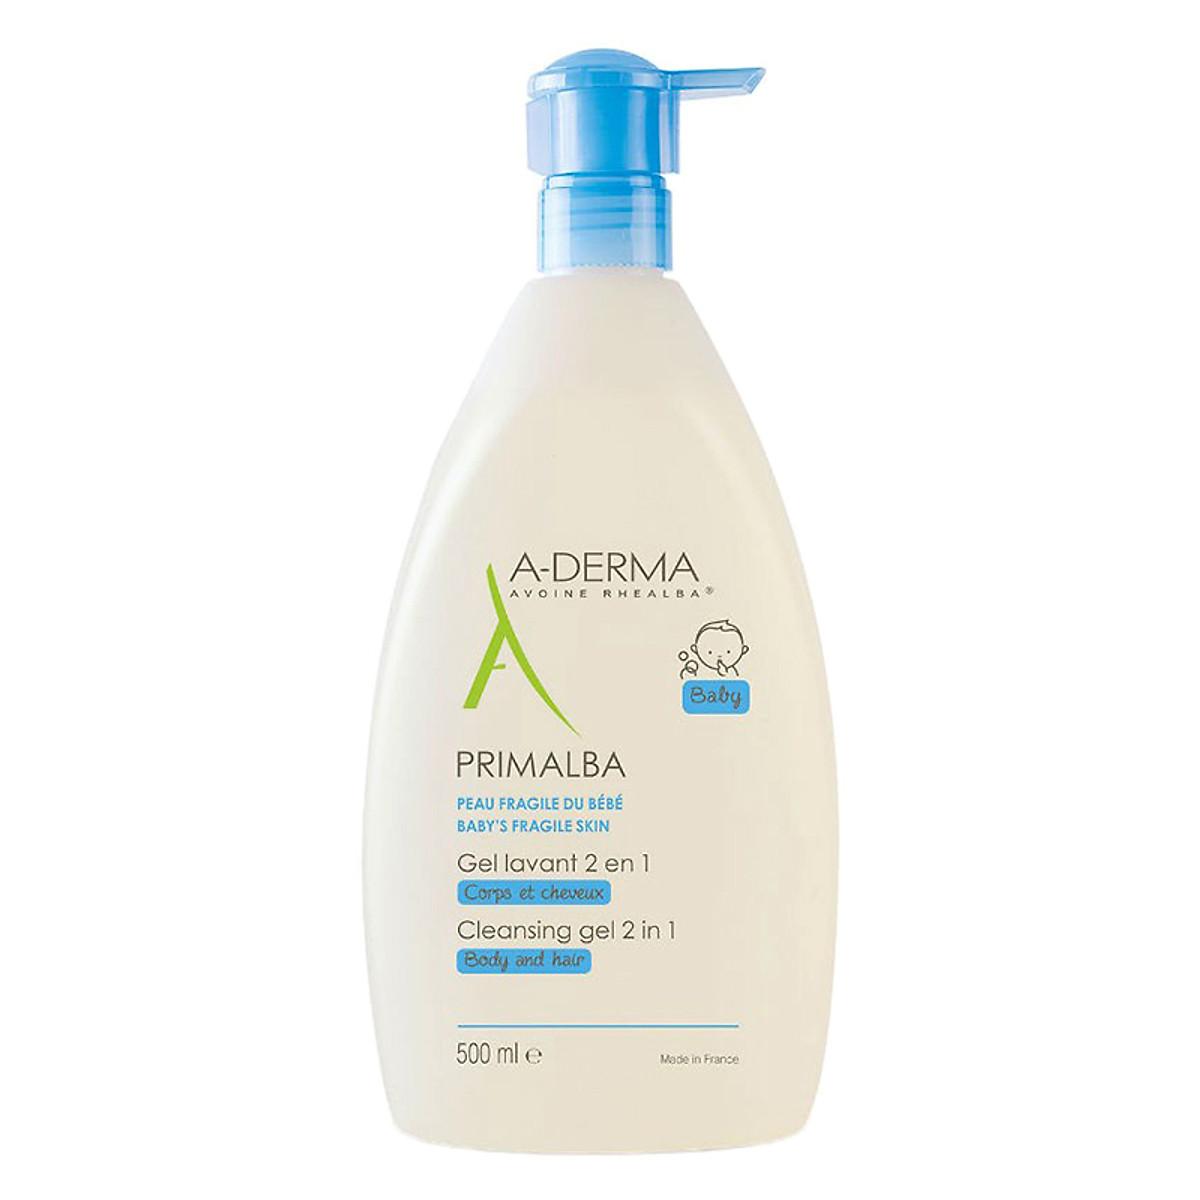 Sữa tắm ADERMA  A- Derma cho bé 500ml